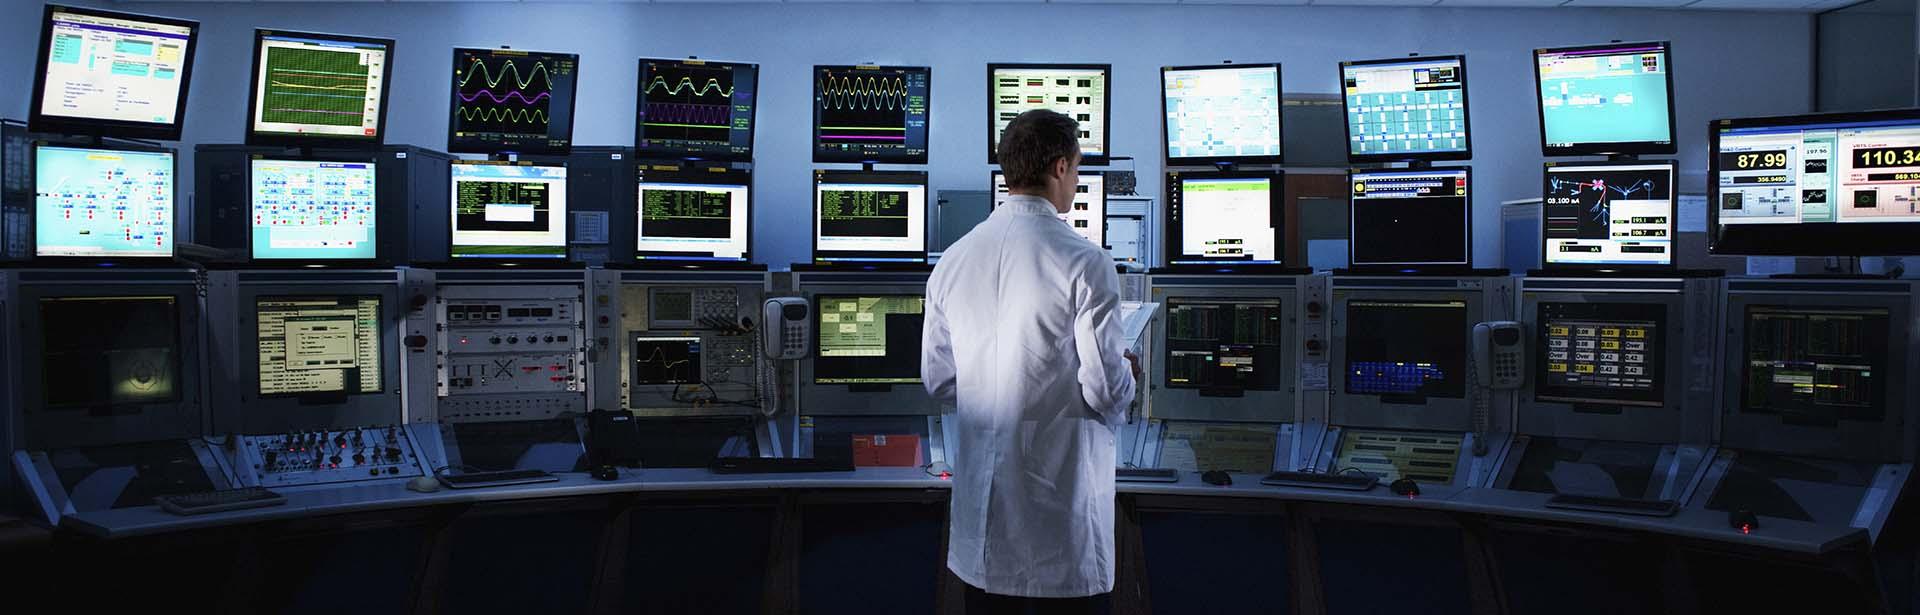 Автоматизация инженерных систем